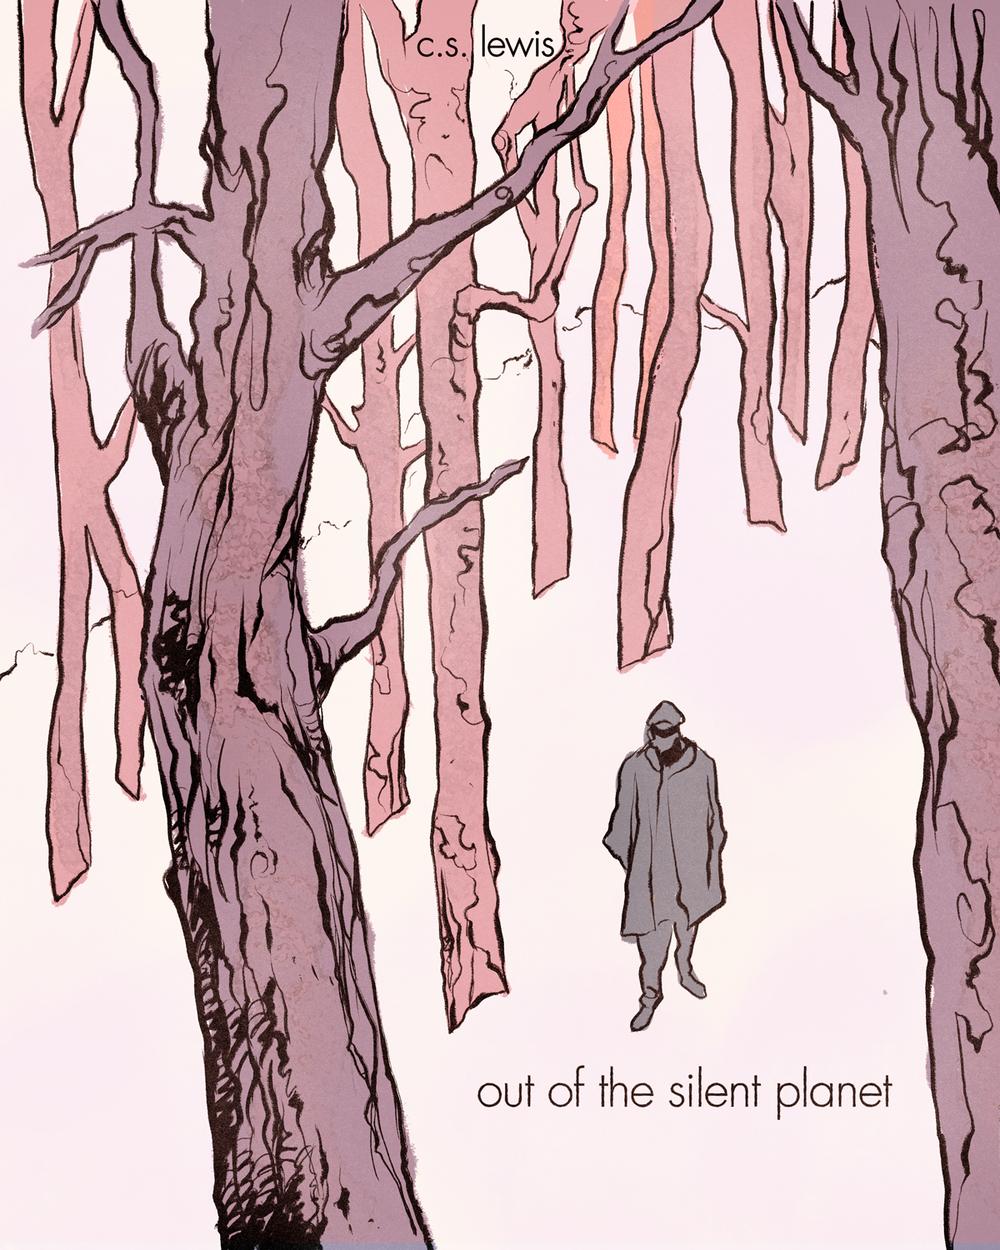 silentplanet_nathananderson.jpg